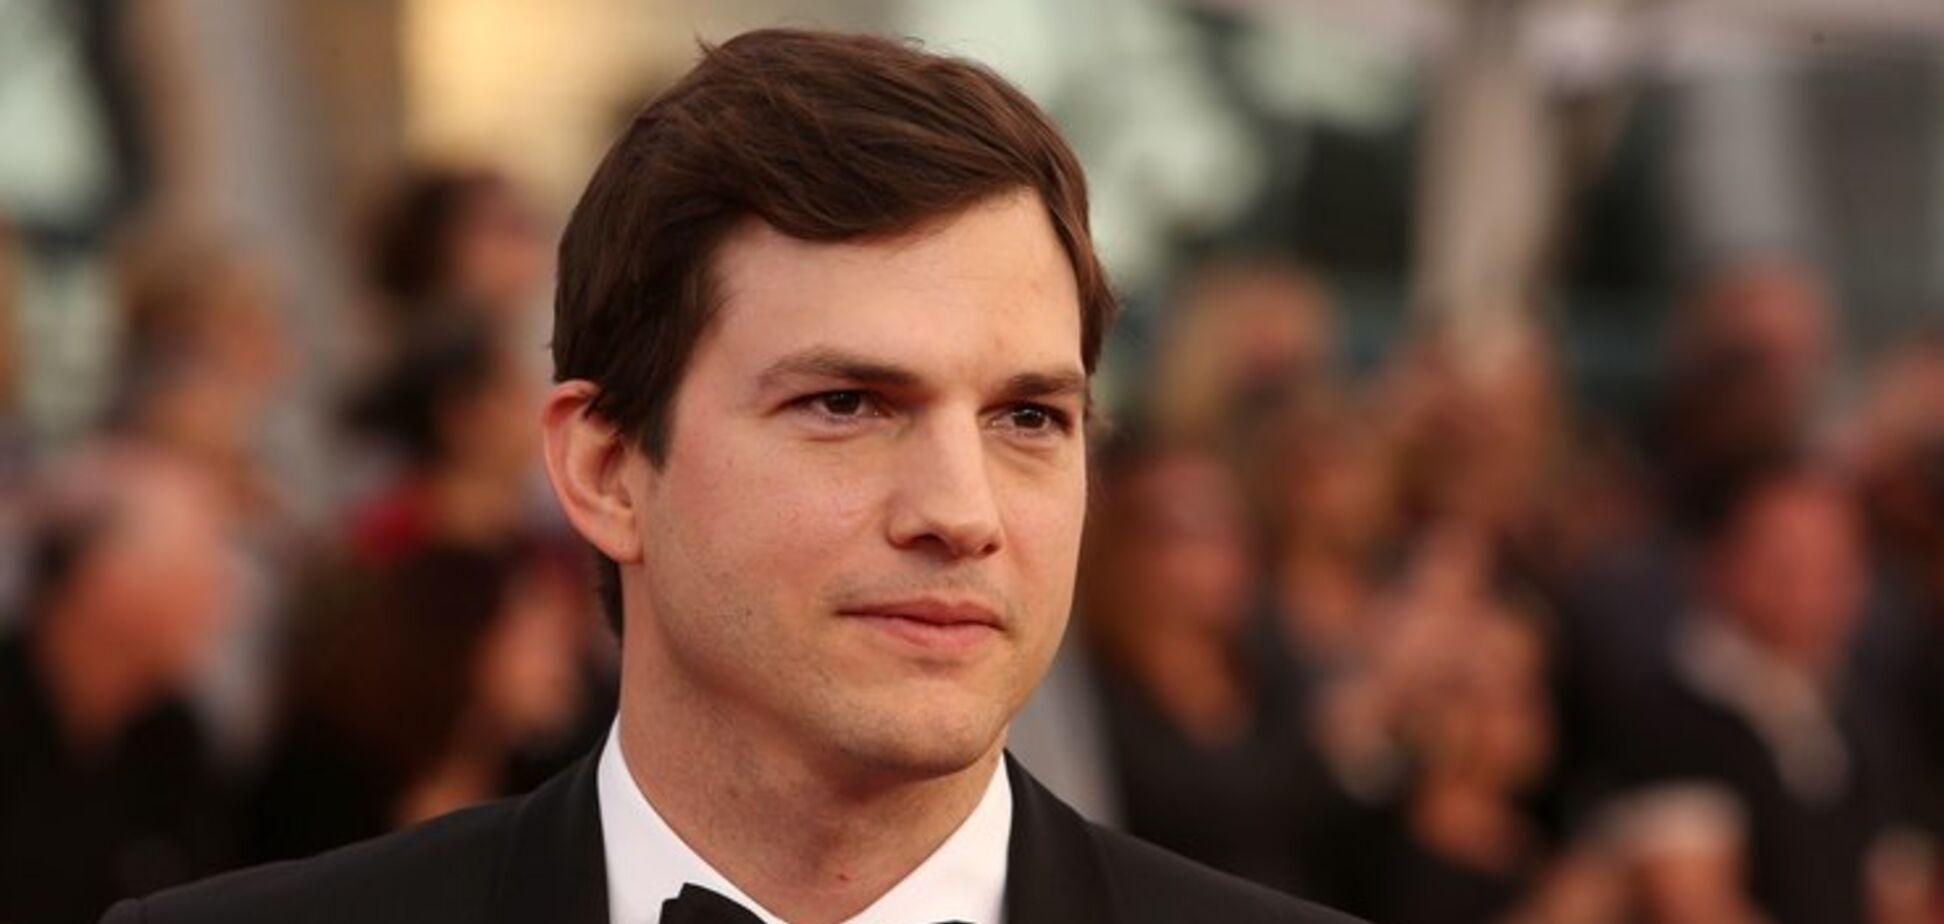 ''Можете написать мне'': звезда Голливуда выложил в сеть свой номер